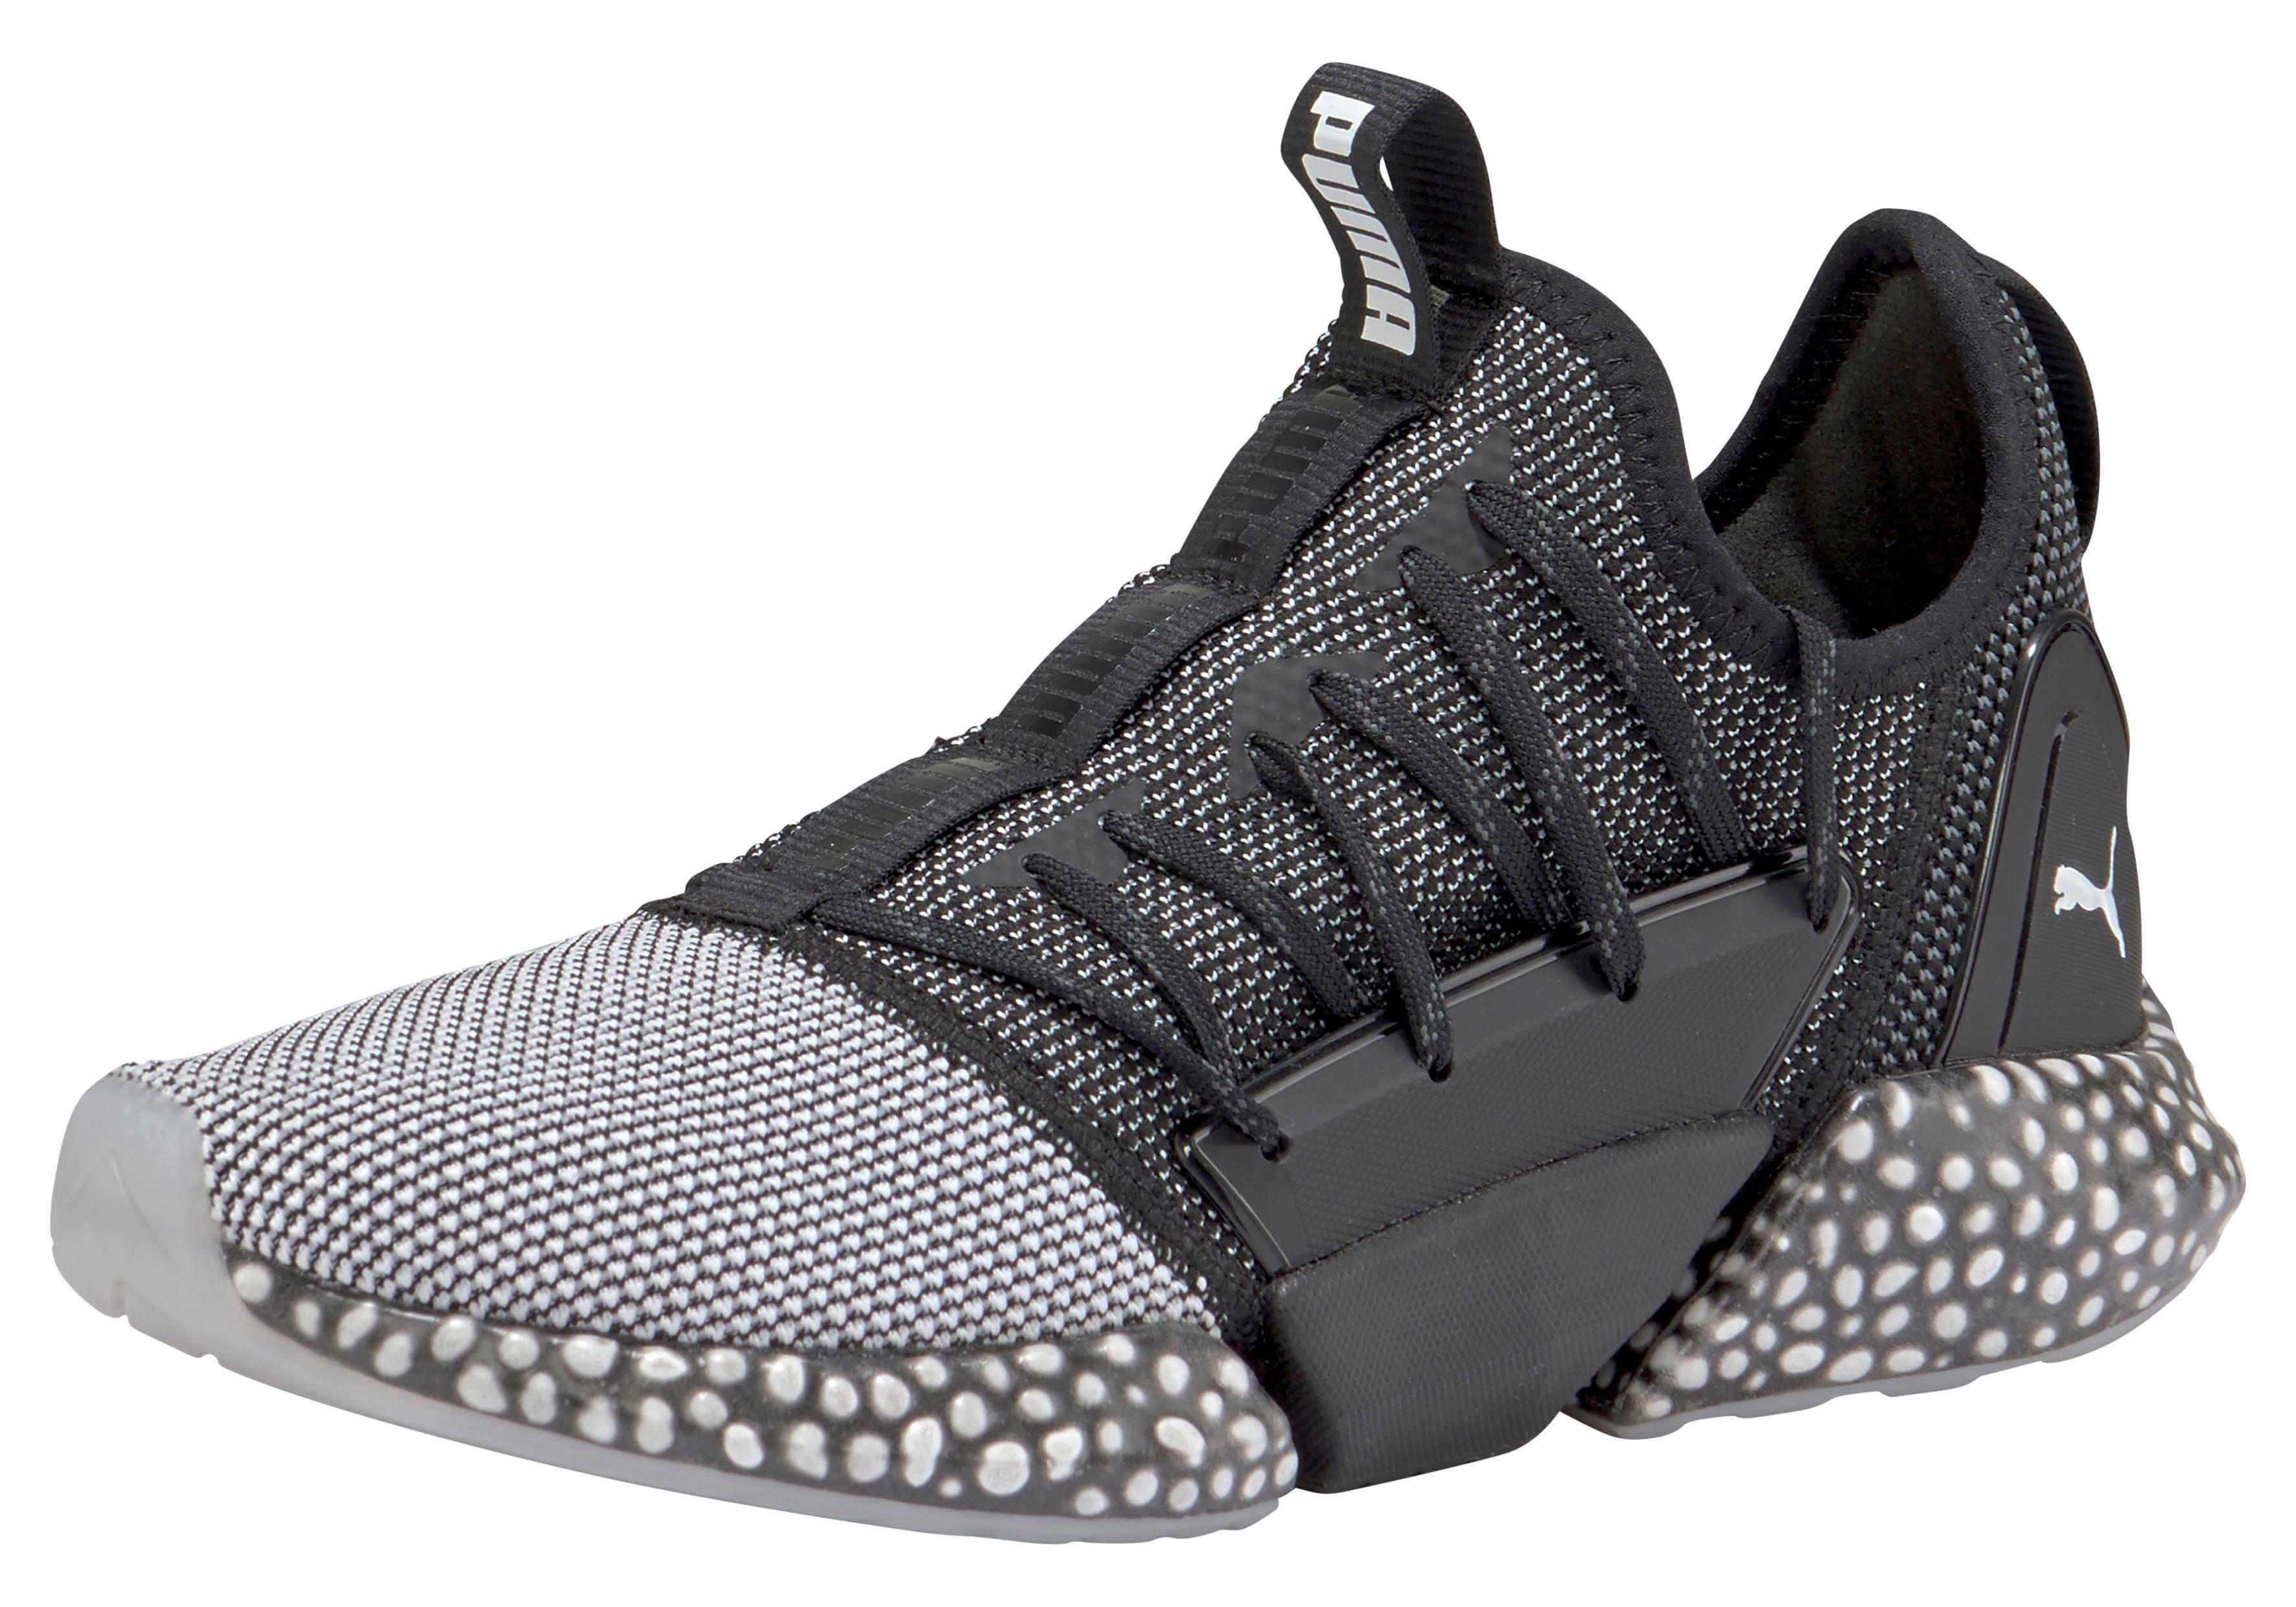 PUMA »Hybrid Rocket Runner« Sneaker, Modischer Sneaker von Puma online kaufen | OTTO